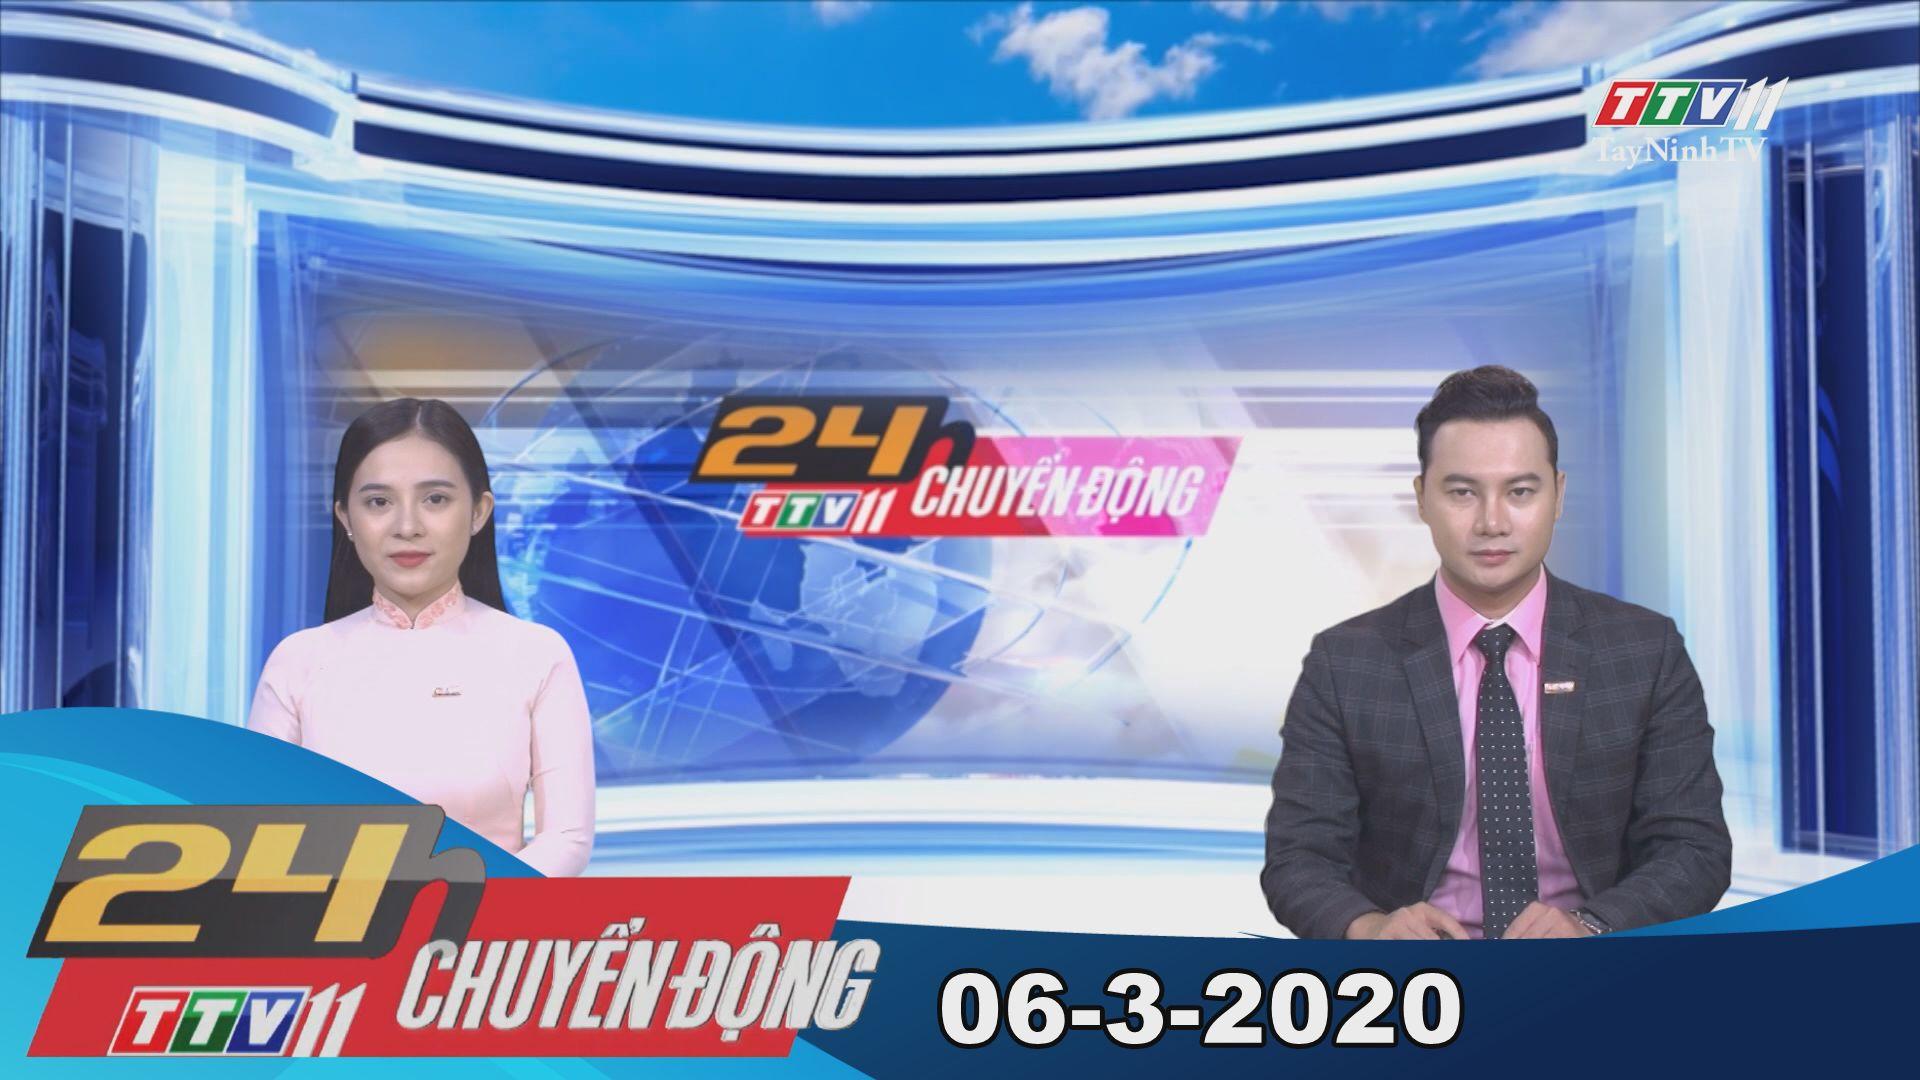 24h Chuyển động 06-3-2020 | Tin tức hôm nay | TayNinhTV